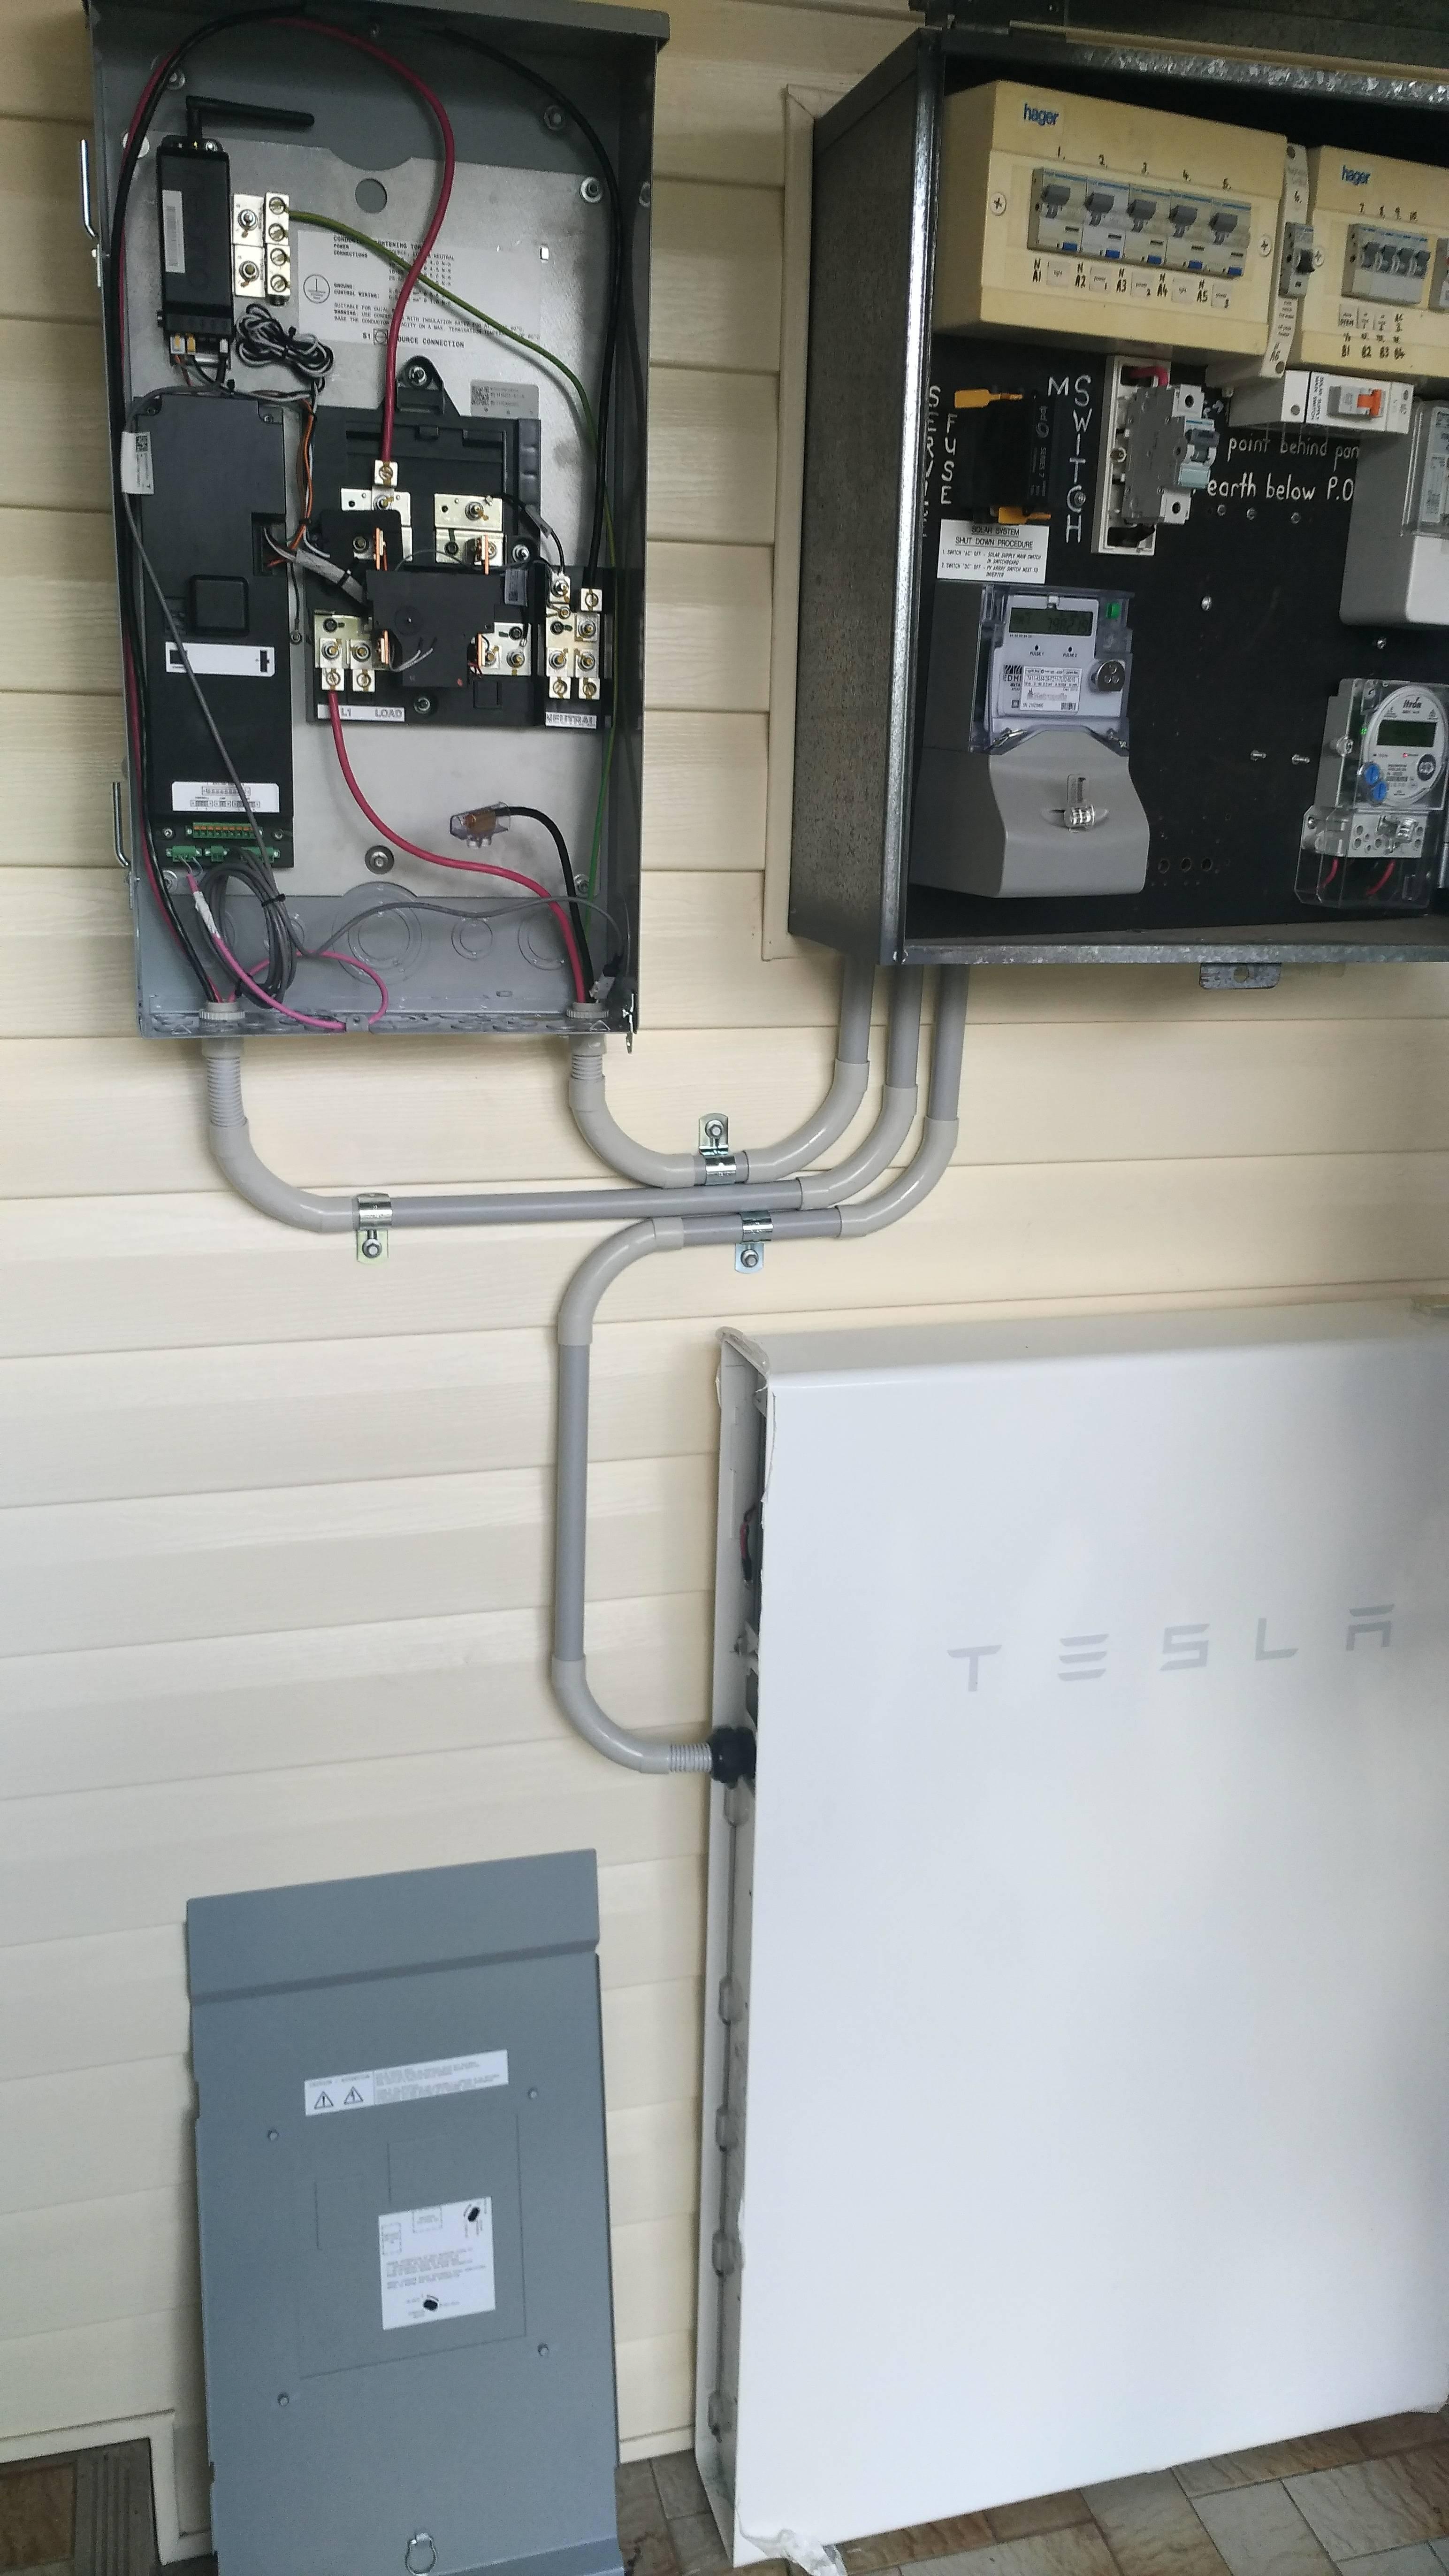 Tesla Powerpack Wiring Diagram